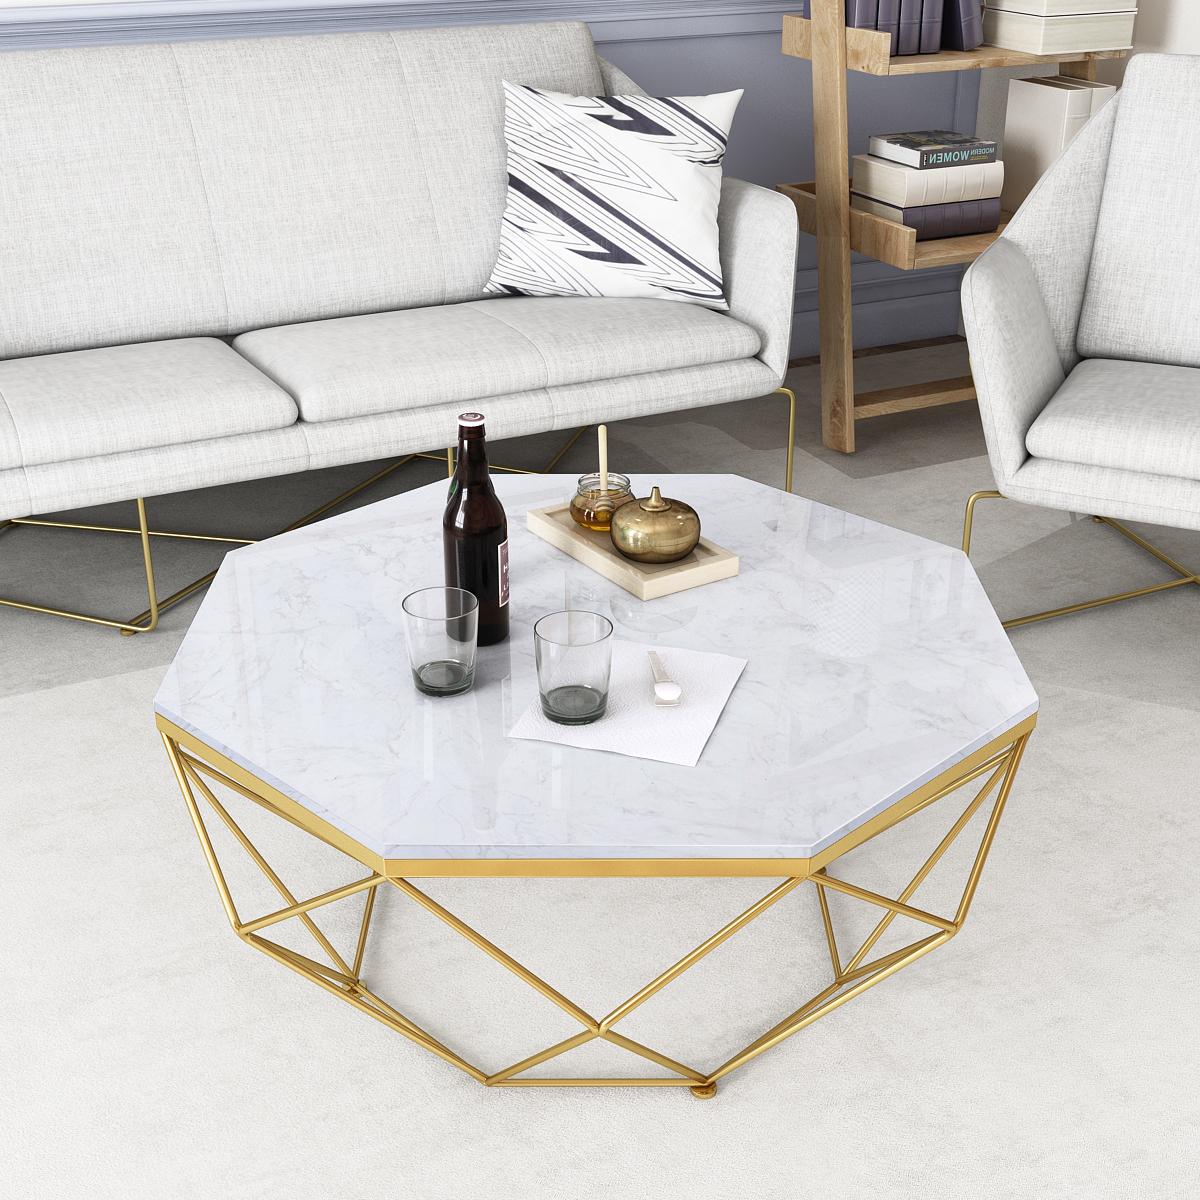 Оригинальная дизайнерская мебель Артикул 576585180405